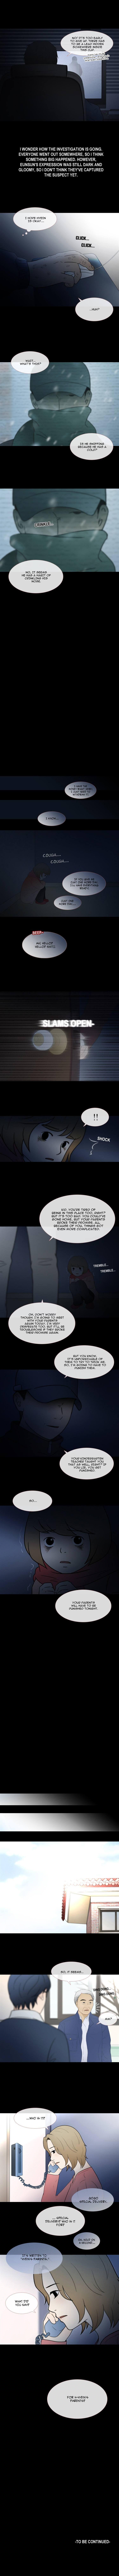 Stalker 19 Page 2